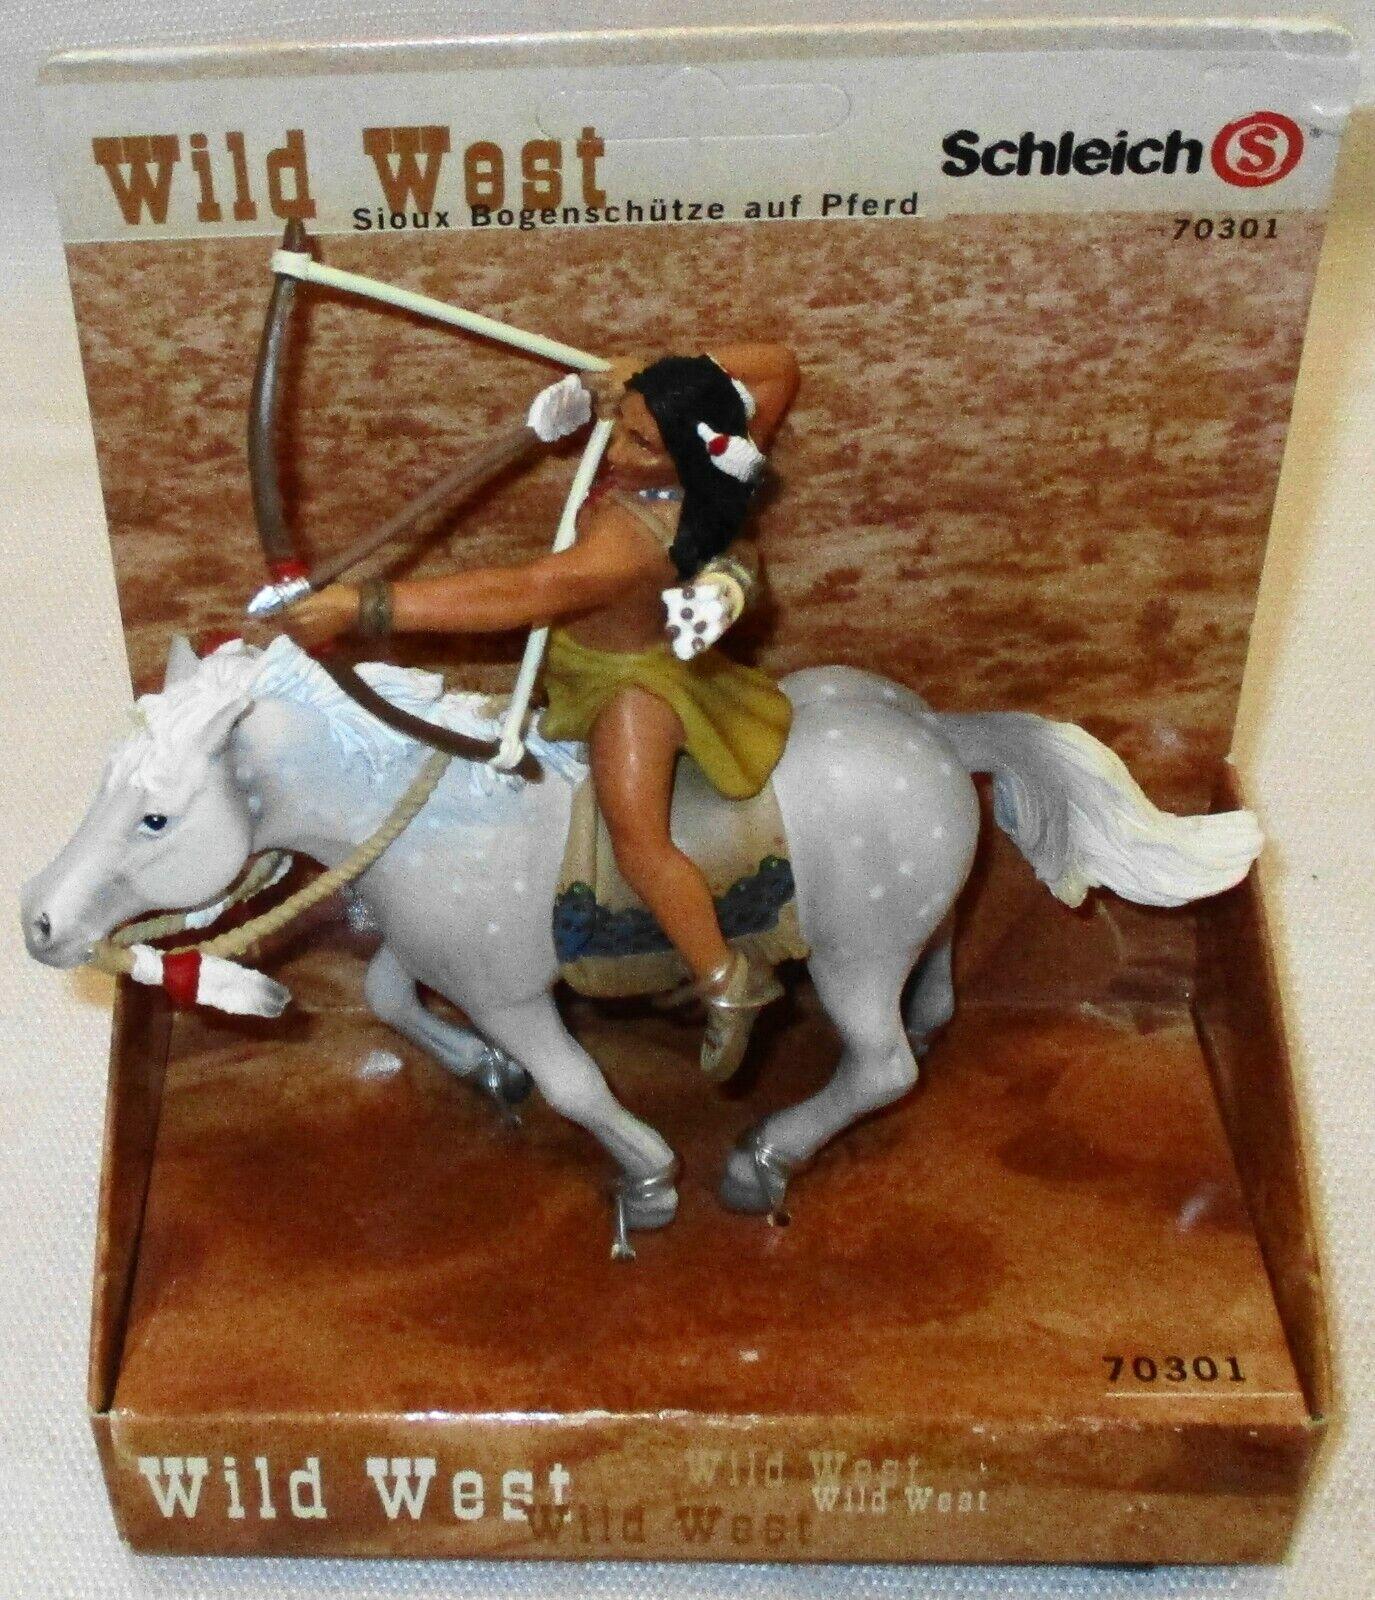 Schleich Wild West Series Sioux Archer On Horse Figure 70301, RETIrot (SKU 526)